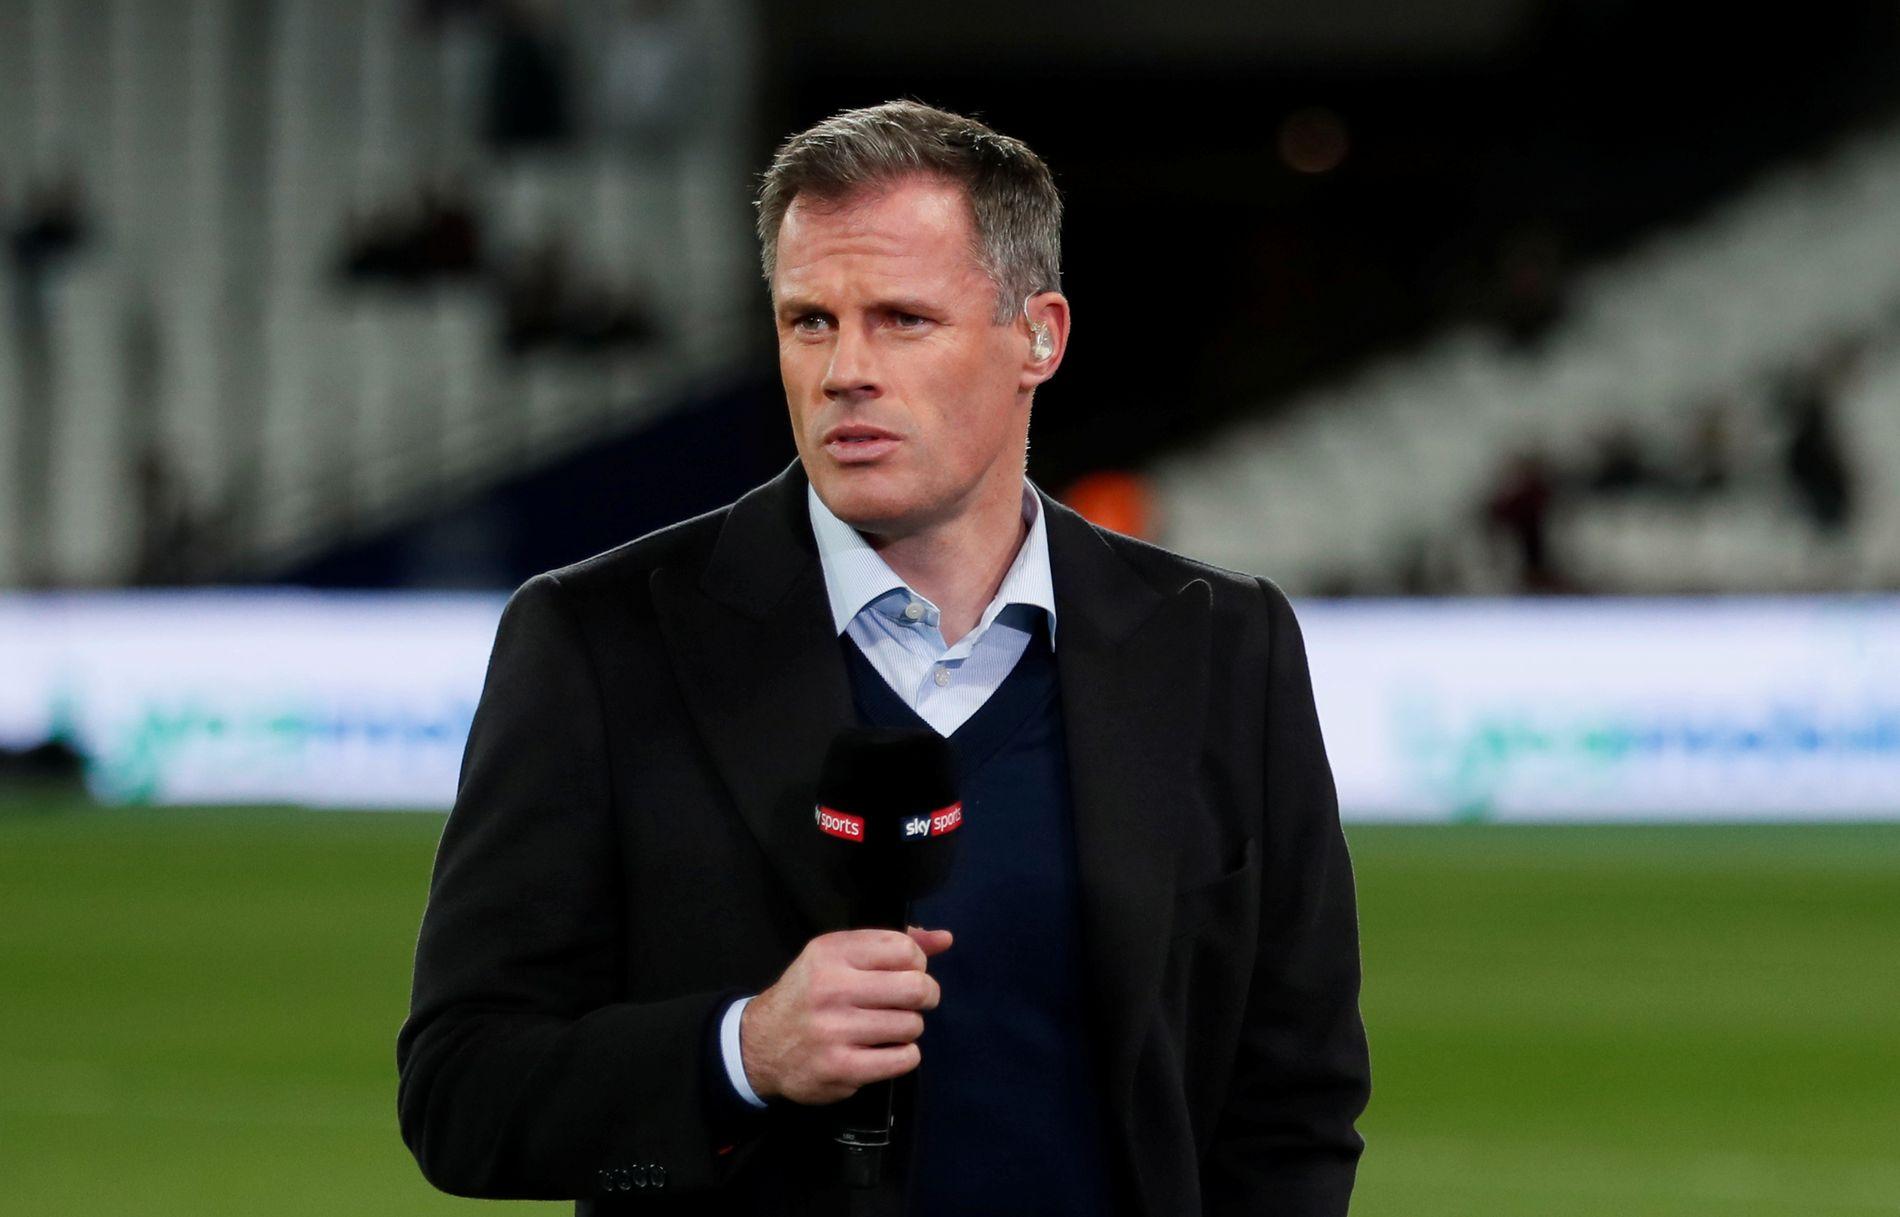 KJENT TV-FJES: Jamie Carragher har vært fotballekspert for den engelske TV-kanalen Sky Sports siden han la opp i 2013.